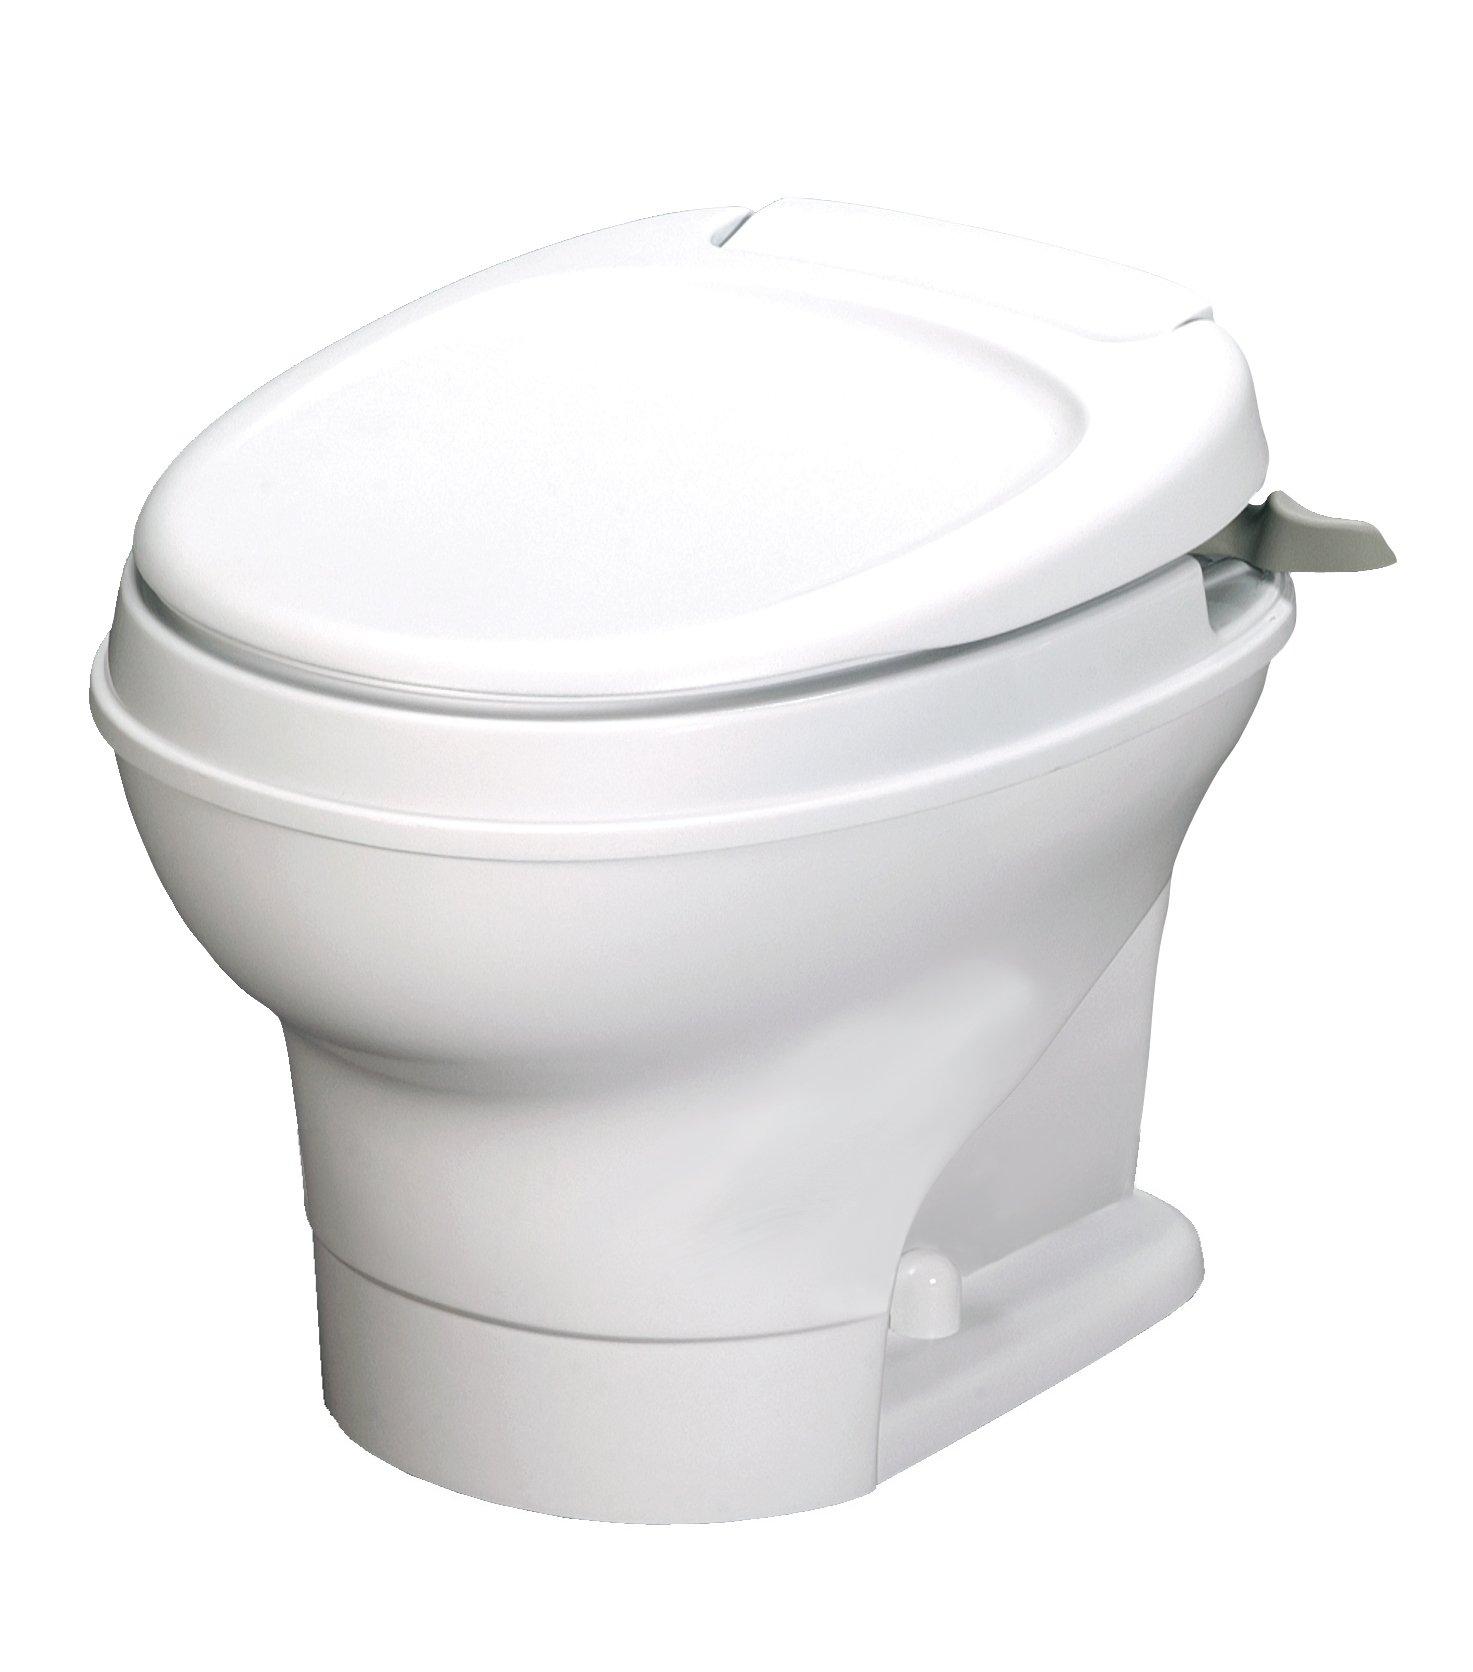 Thetford Aqua-Magic V RV Toilet Hand Flush/High Profile/White - 31646 by Thetford